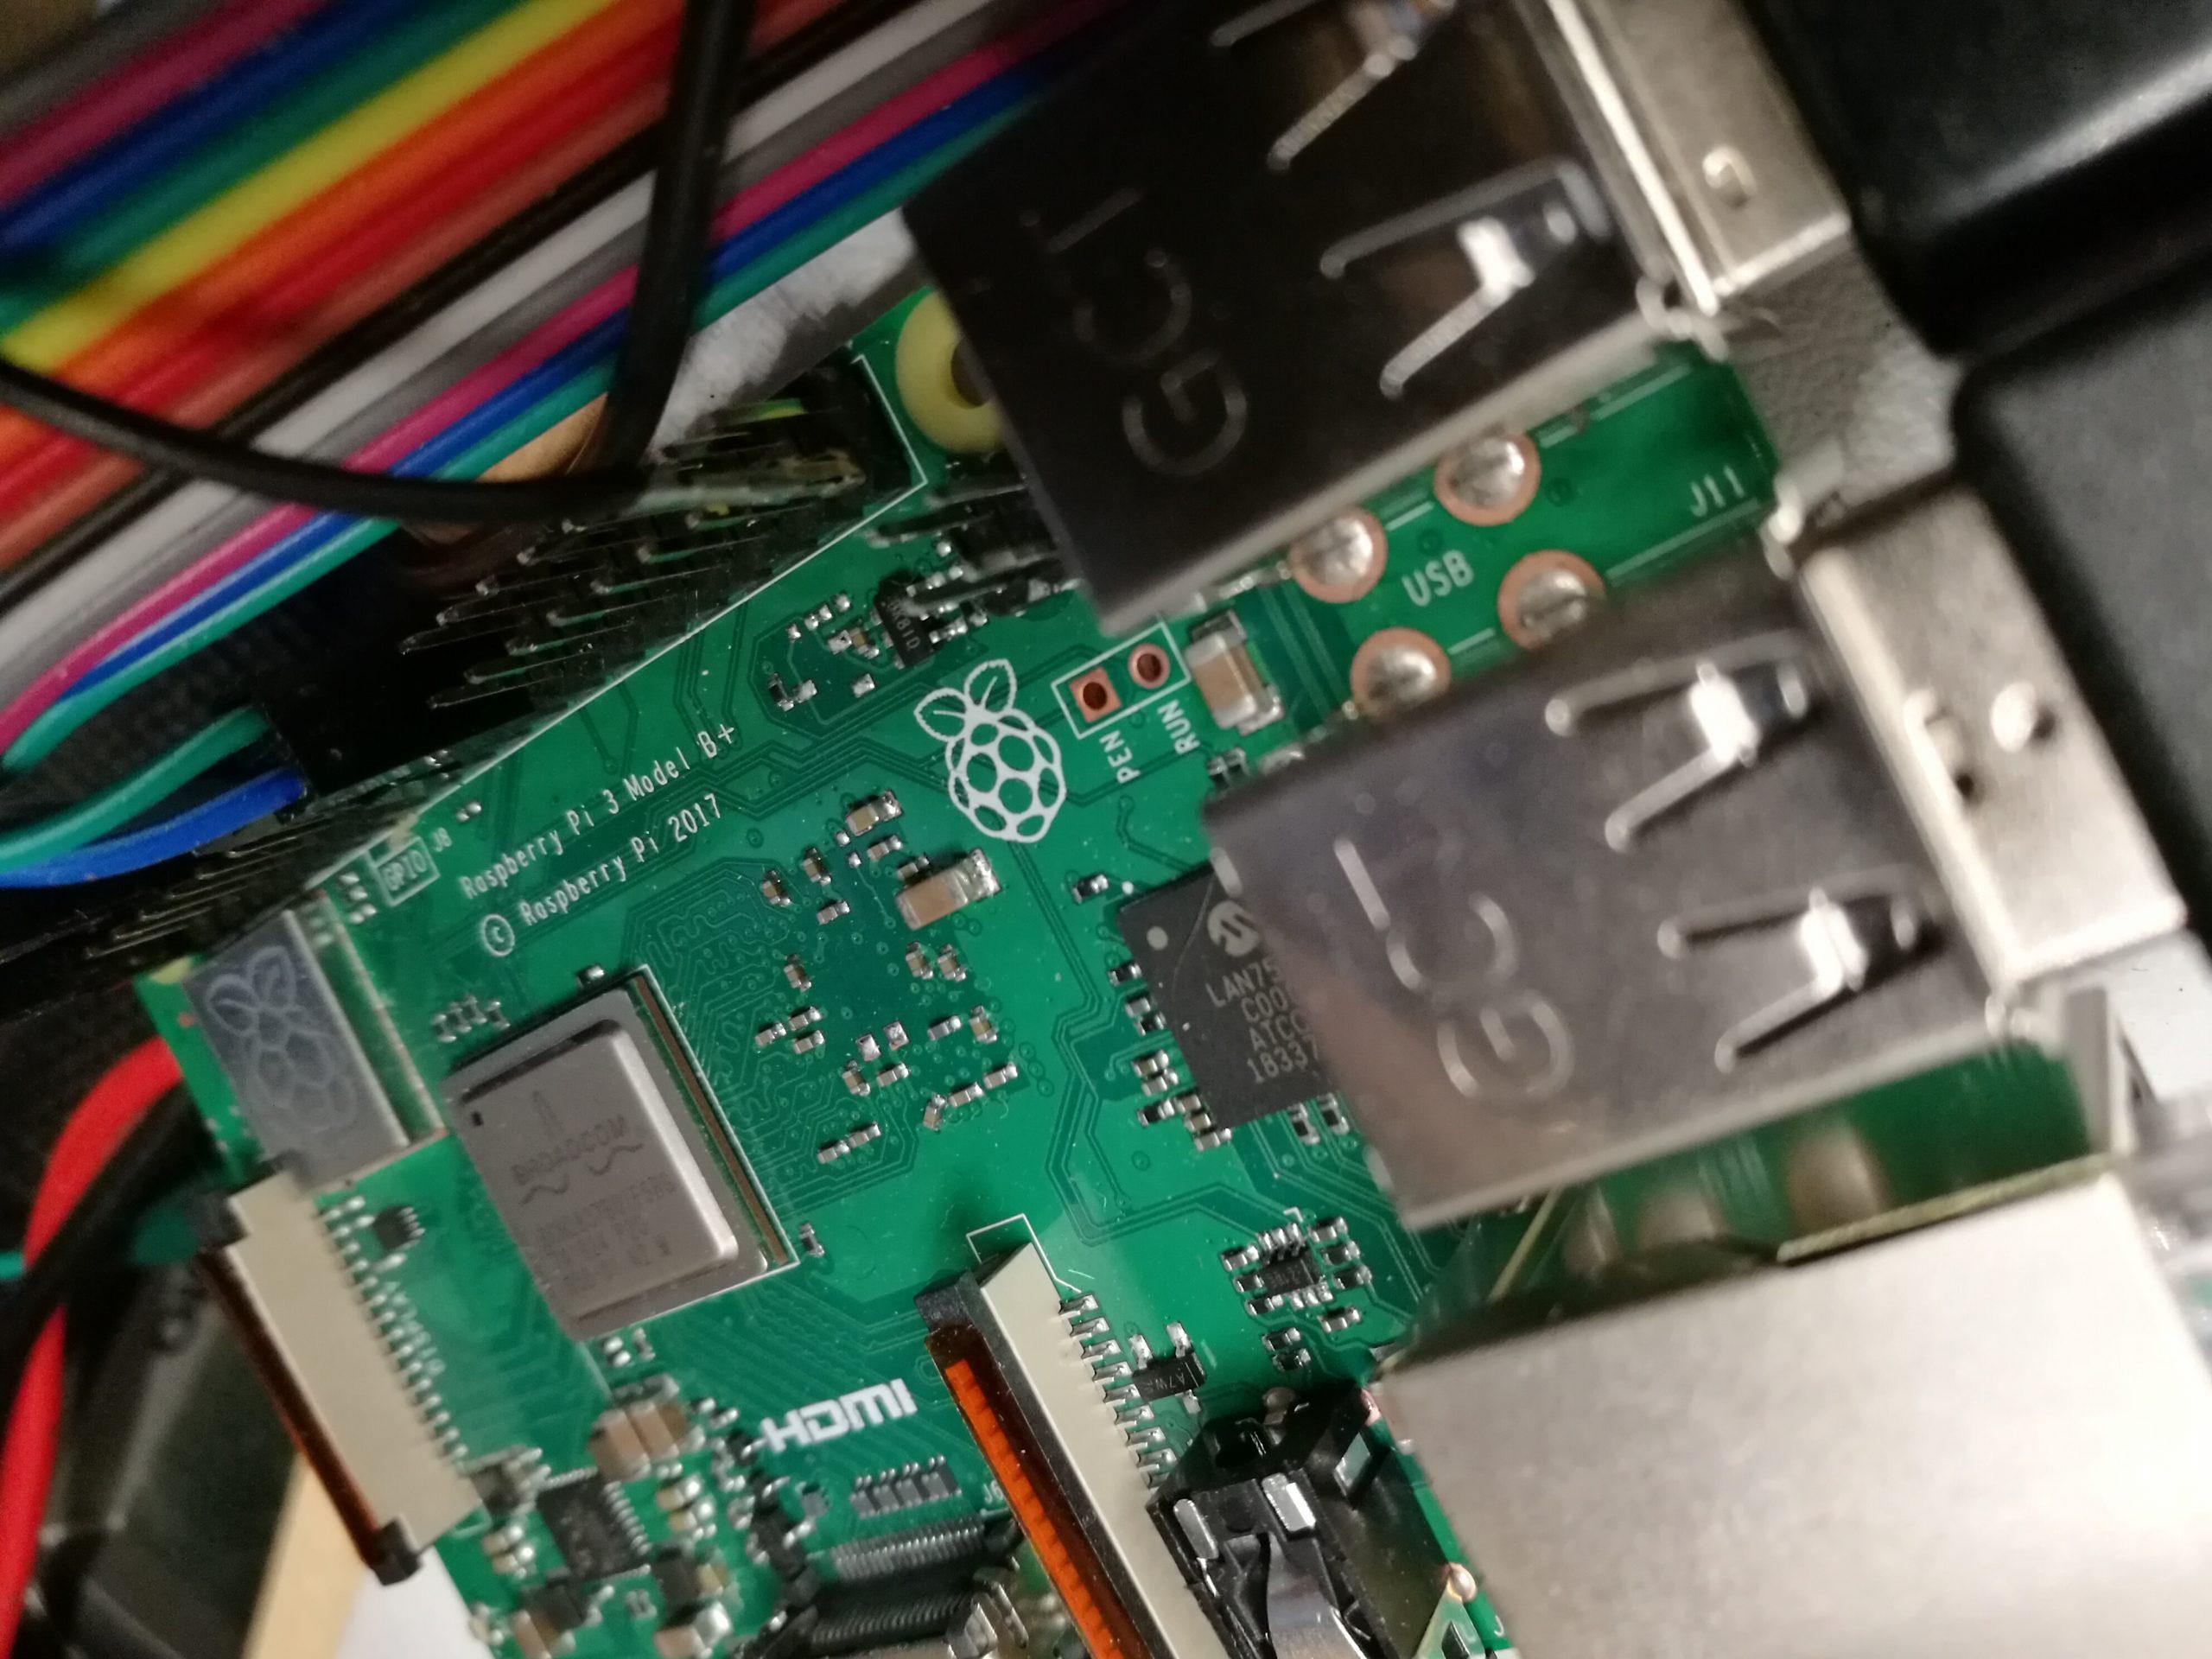 Raspberry Pin käyttö ilman näyttöä